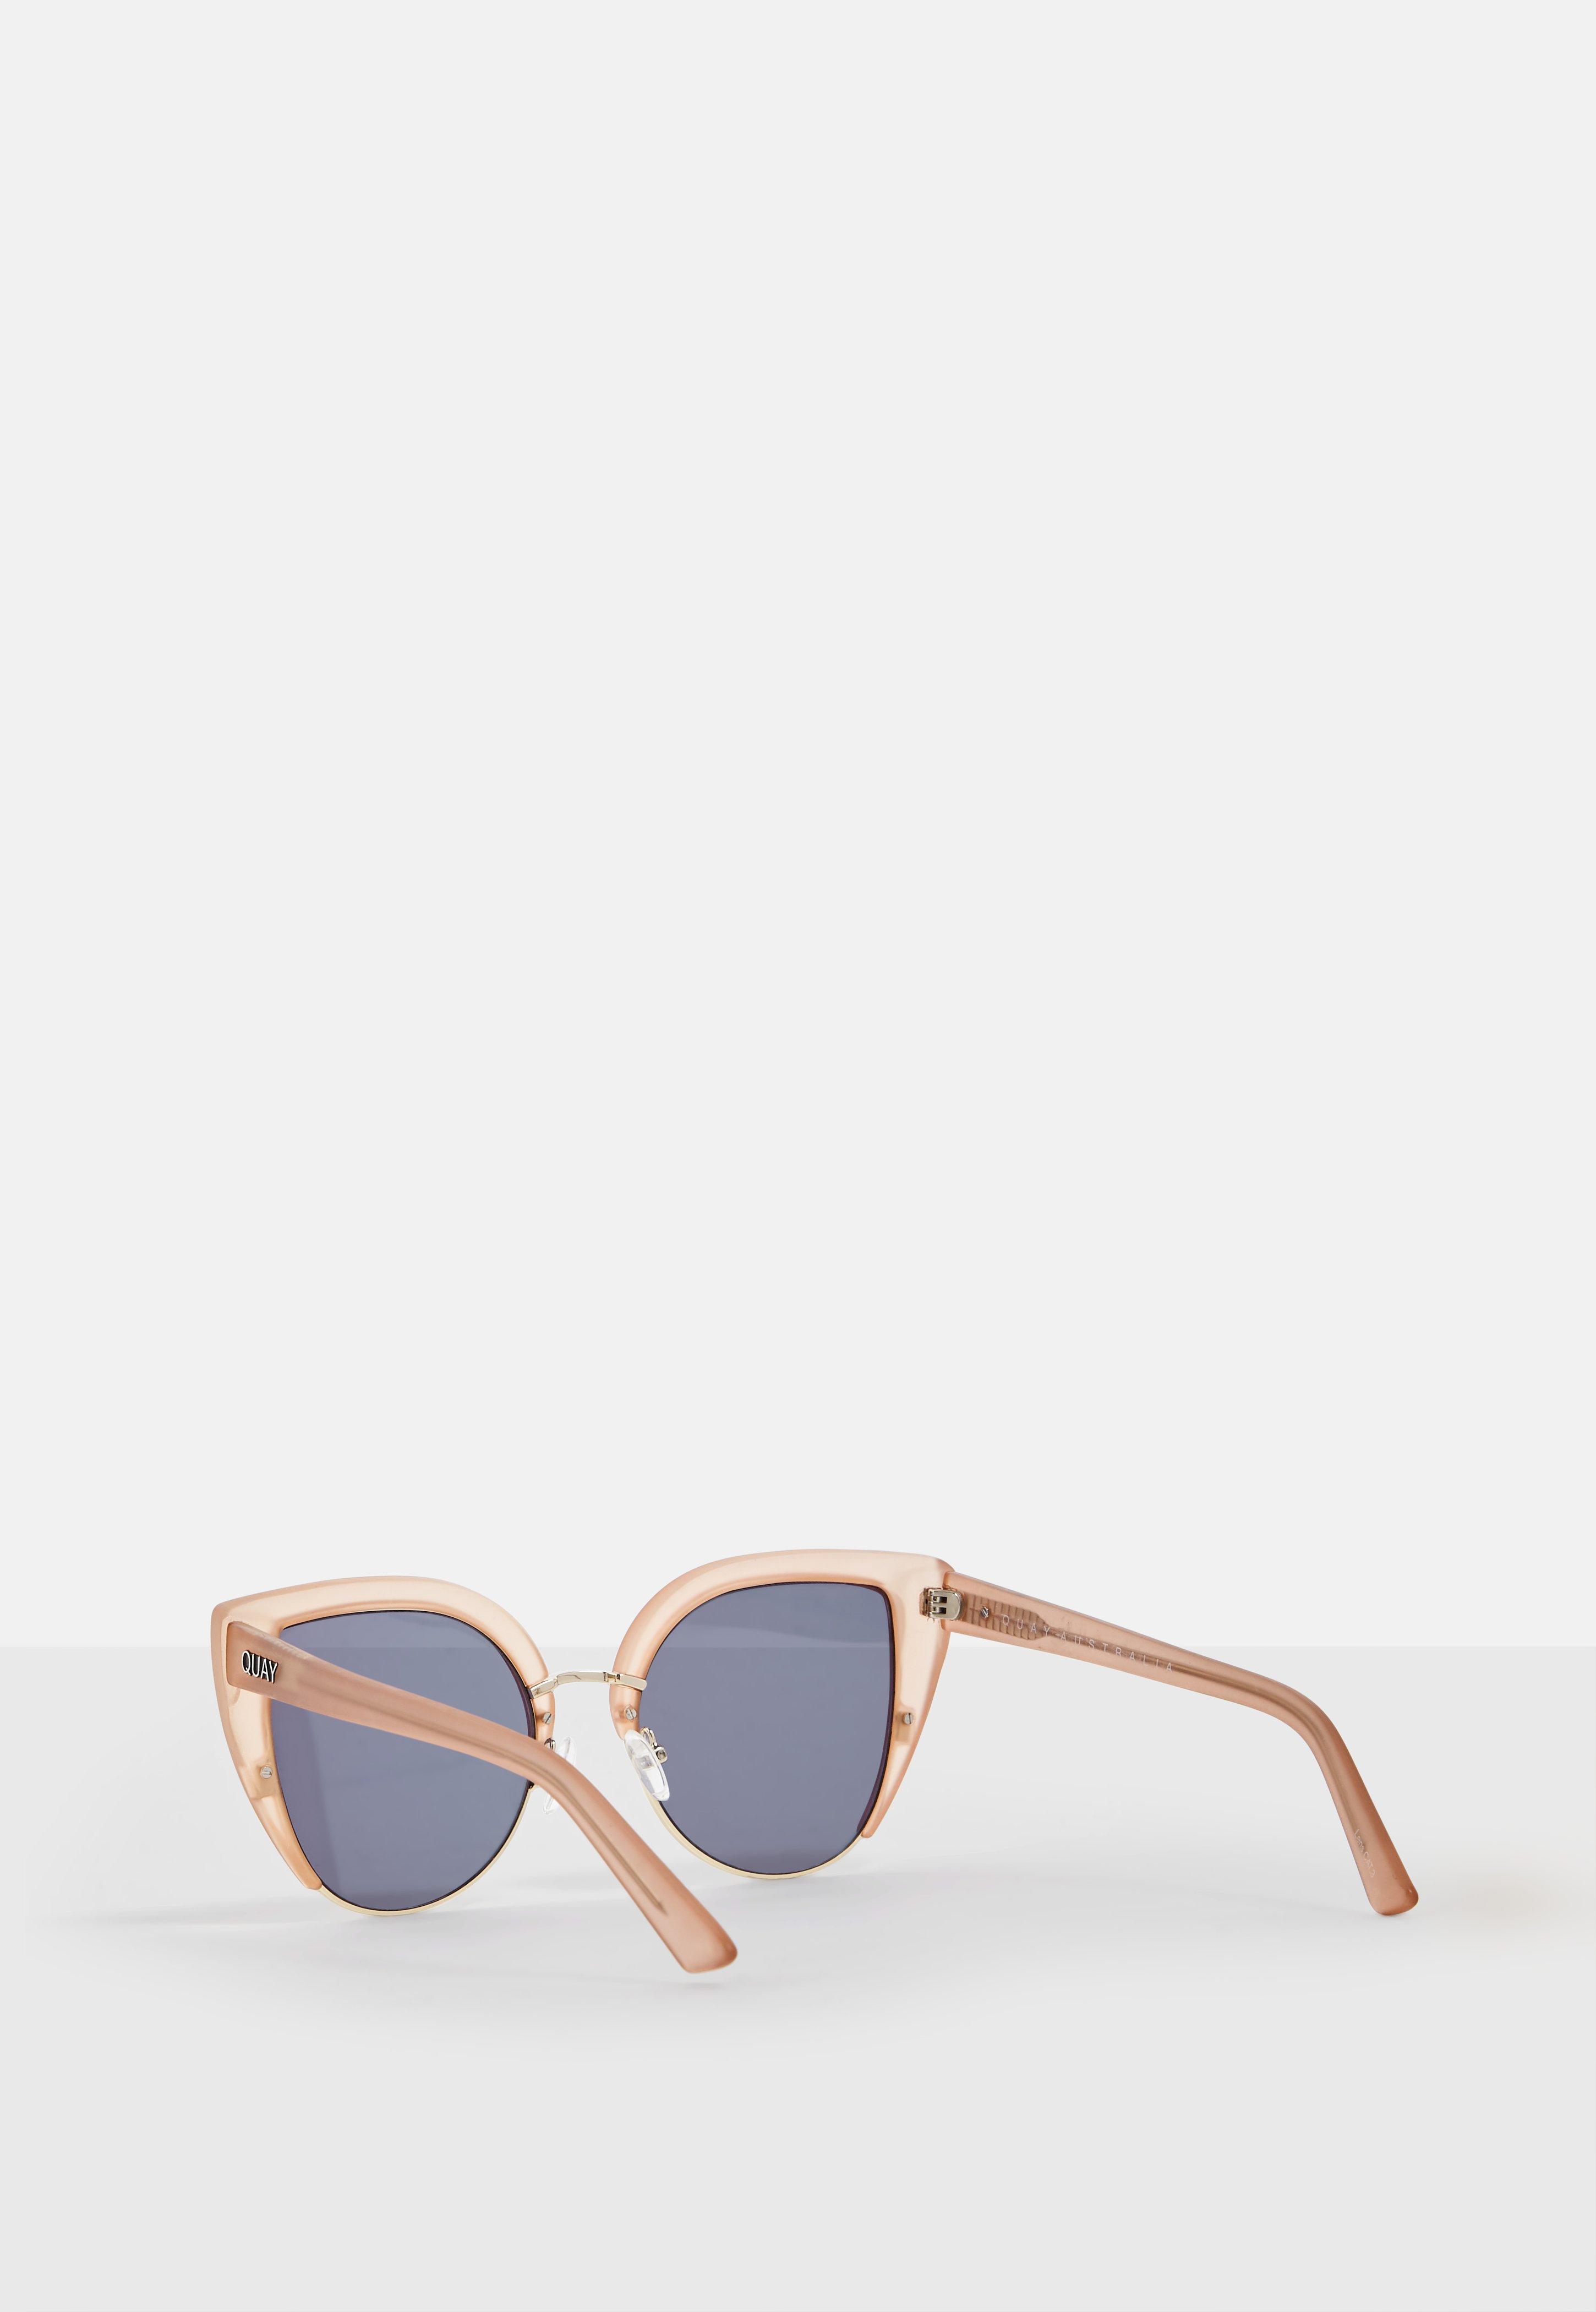 Quay Australia - Oh my dayz - Lunettes de soleil yeux de chat - Or rose - Doré T0QfNrapzP